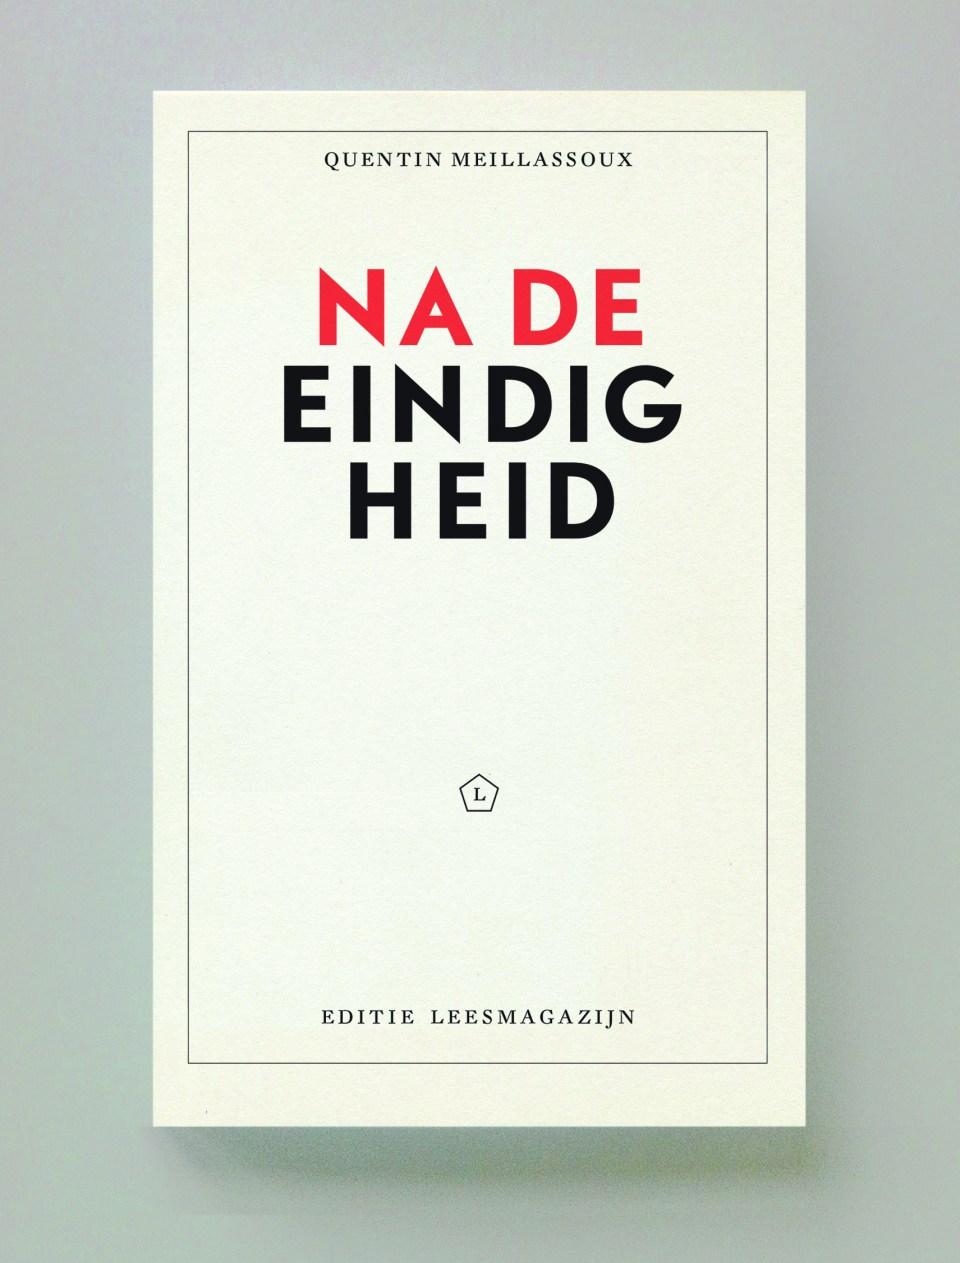 cover-NaDeEindigheid-HighRes